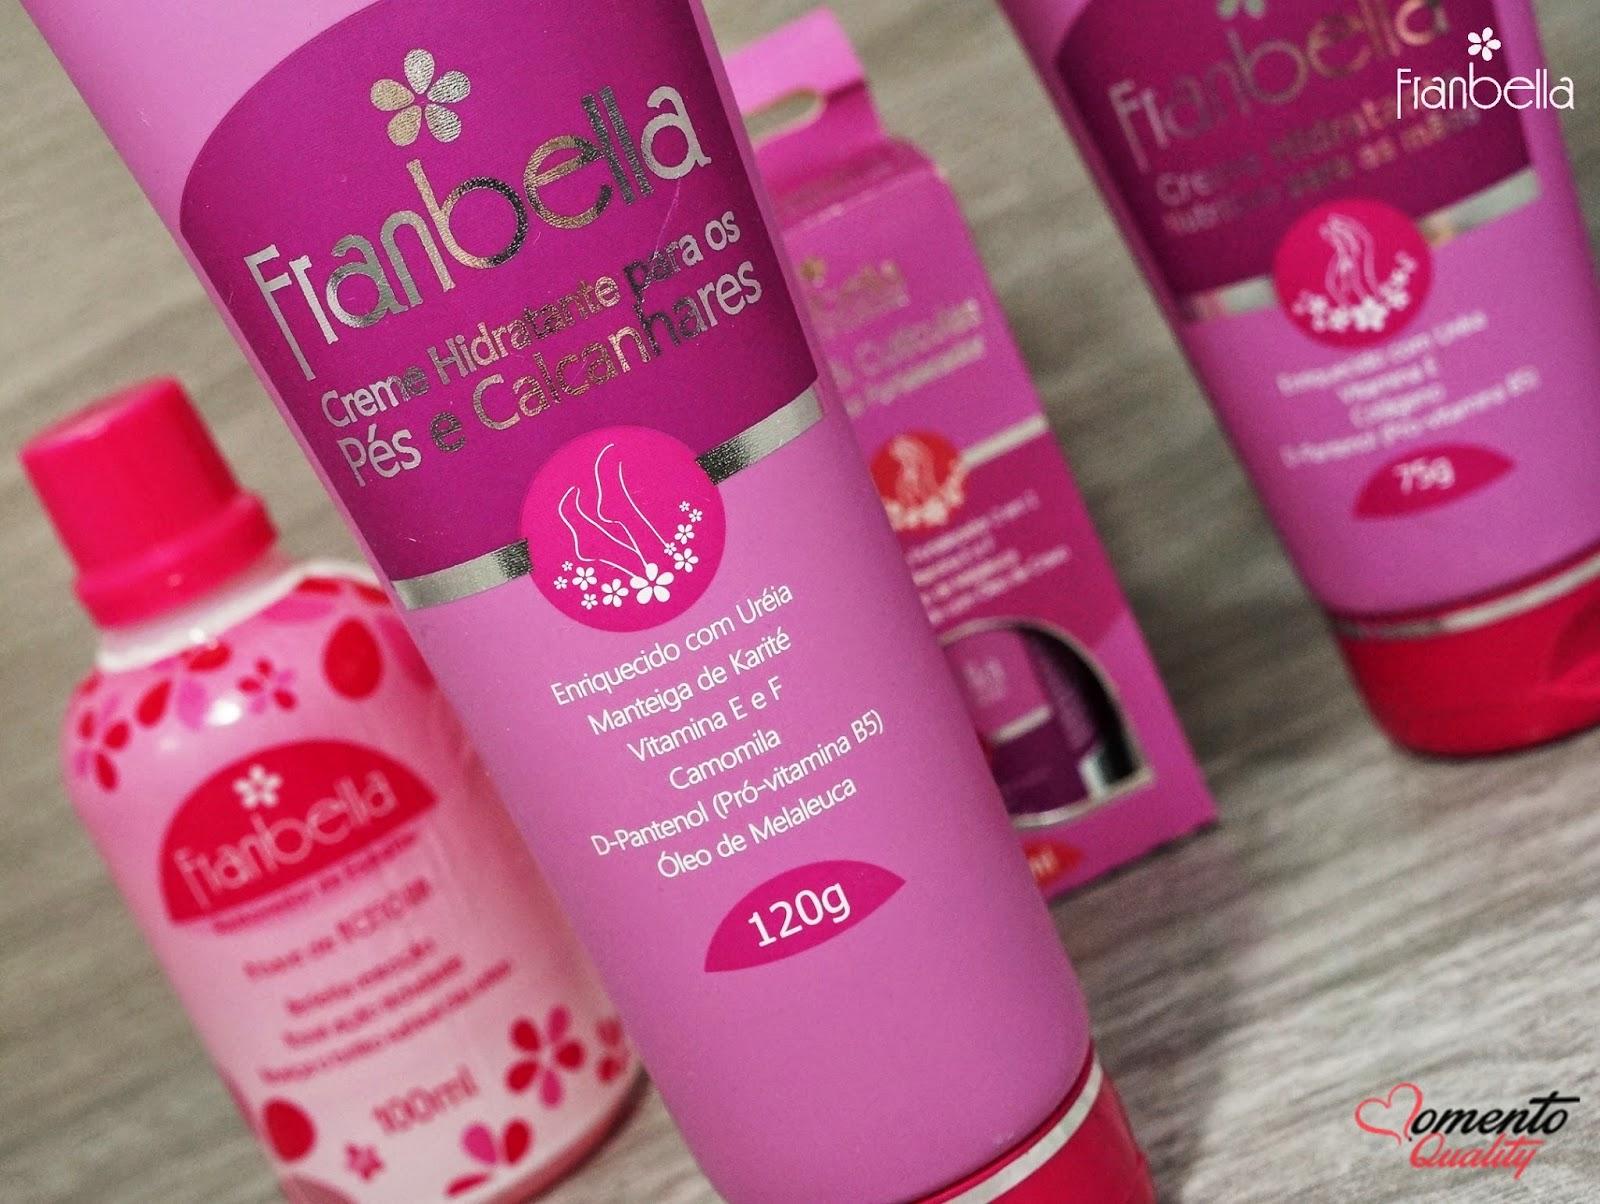 Franbella Creme Hidratante para Pés e Calcanhares